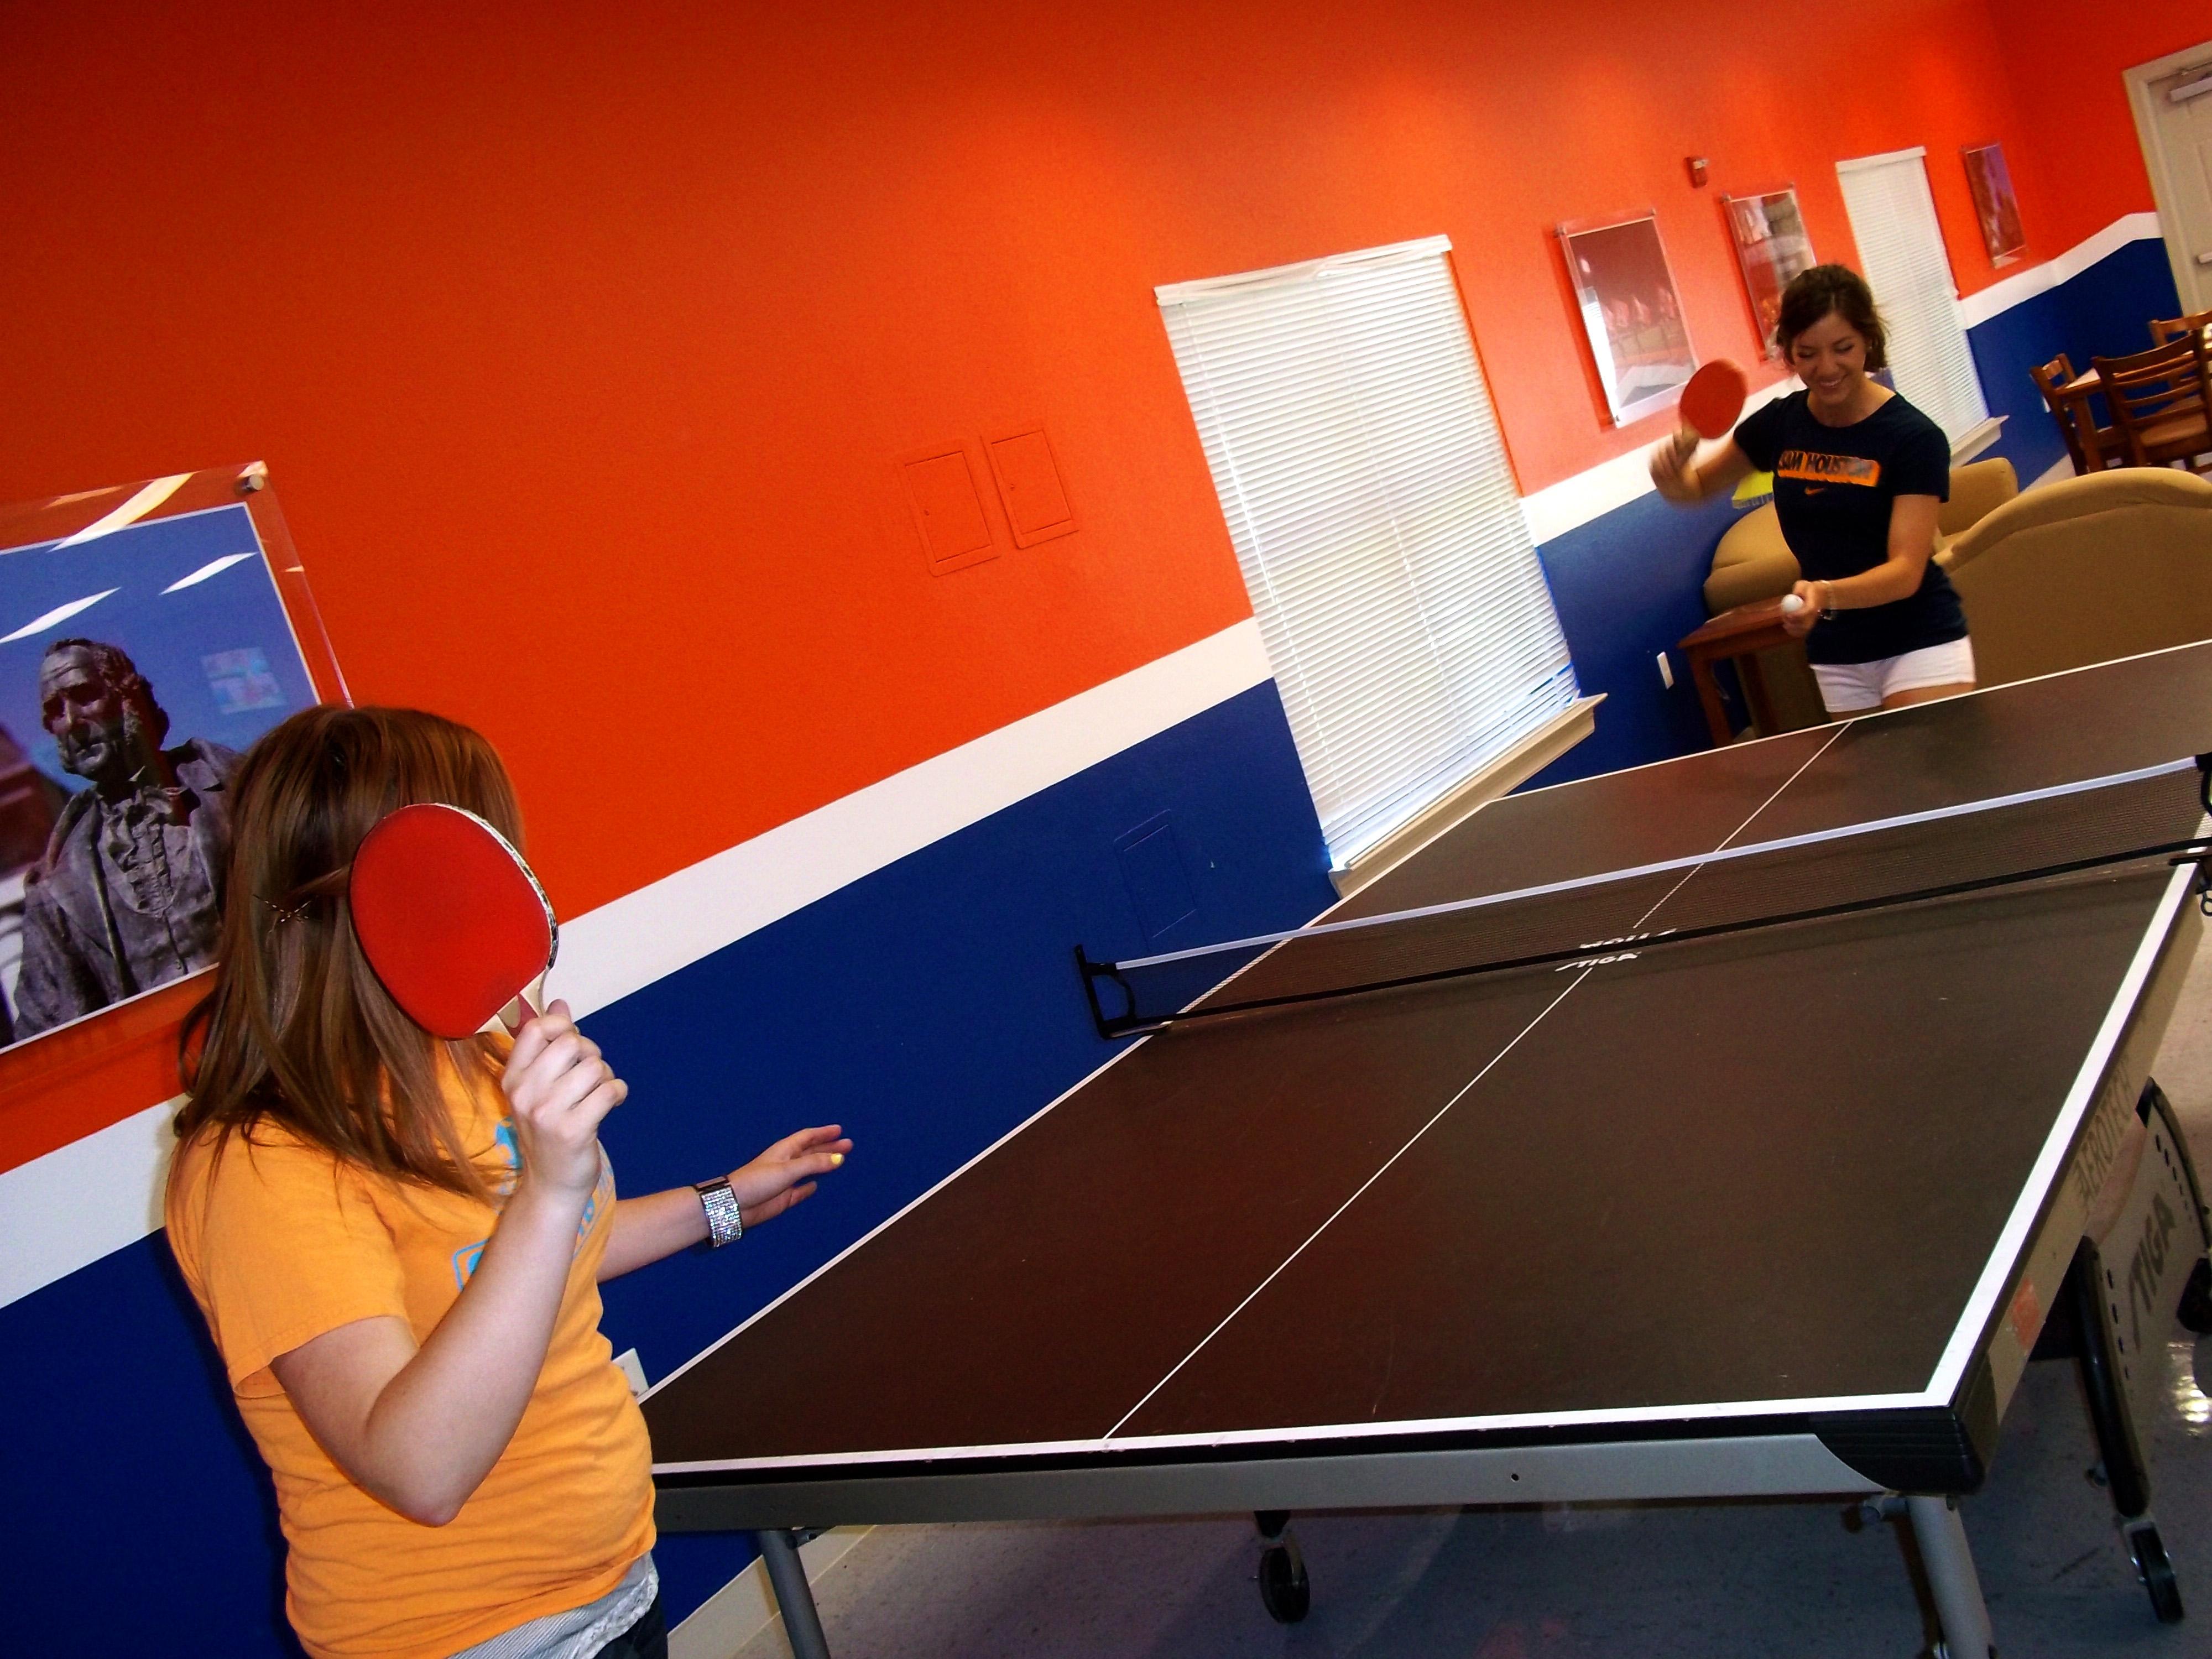 Girls playing ping pong